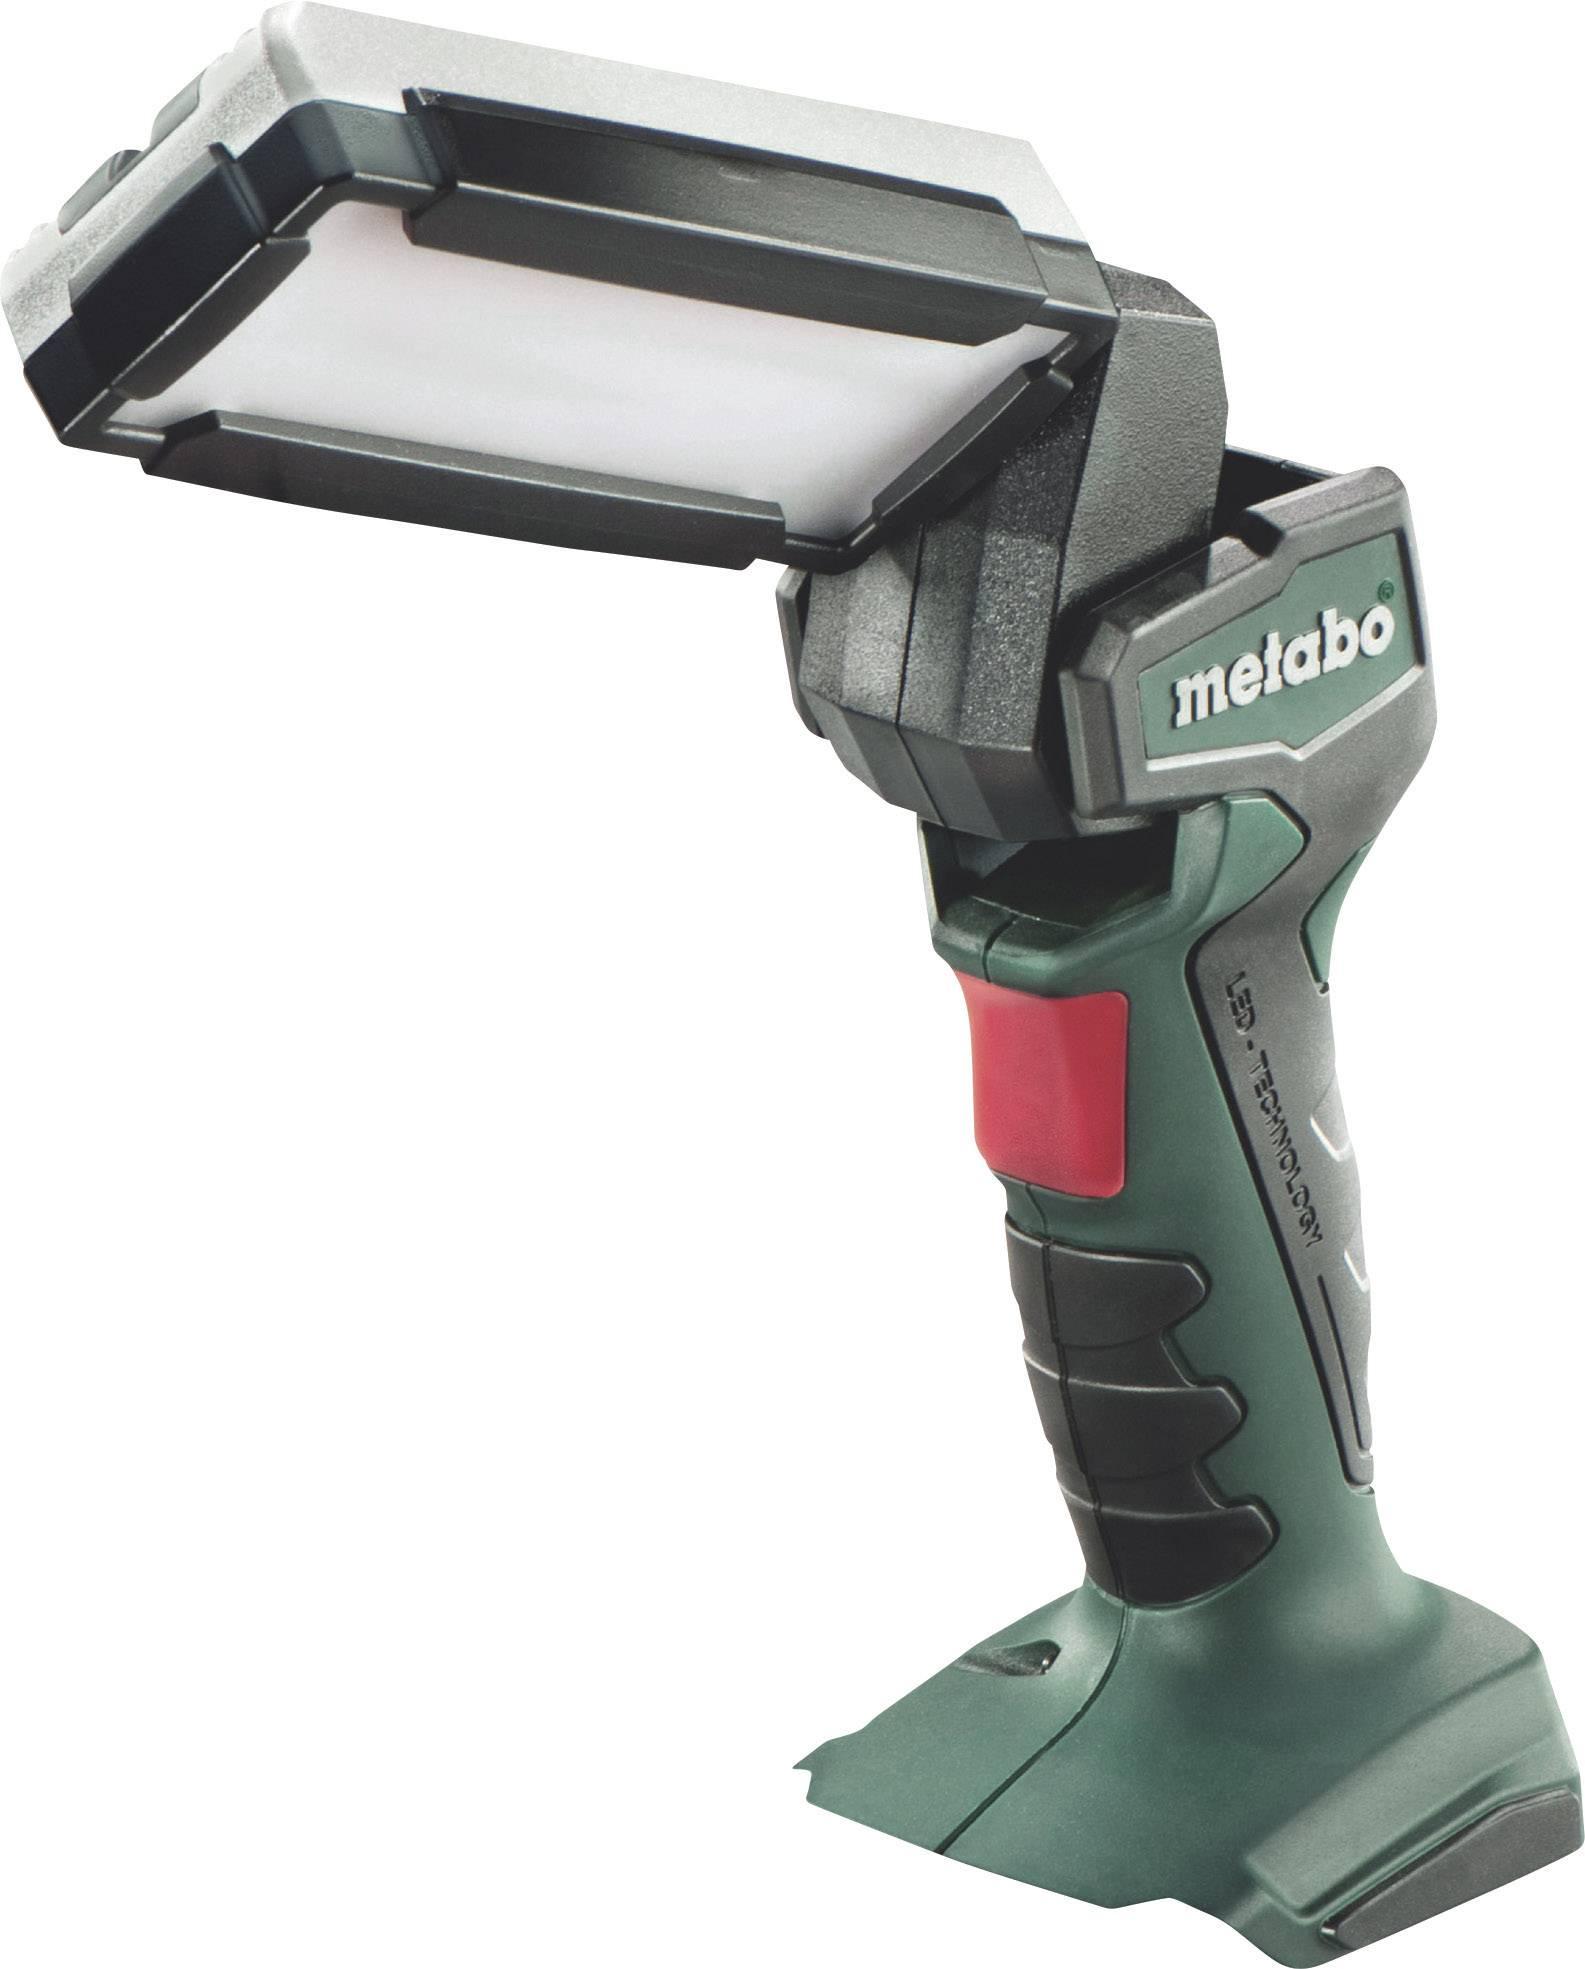 Pracovní svítidlo Metabo 600370000, denní světlo